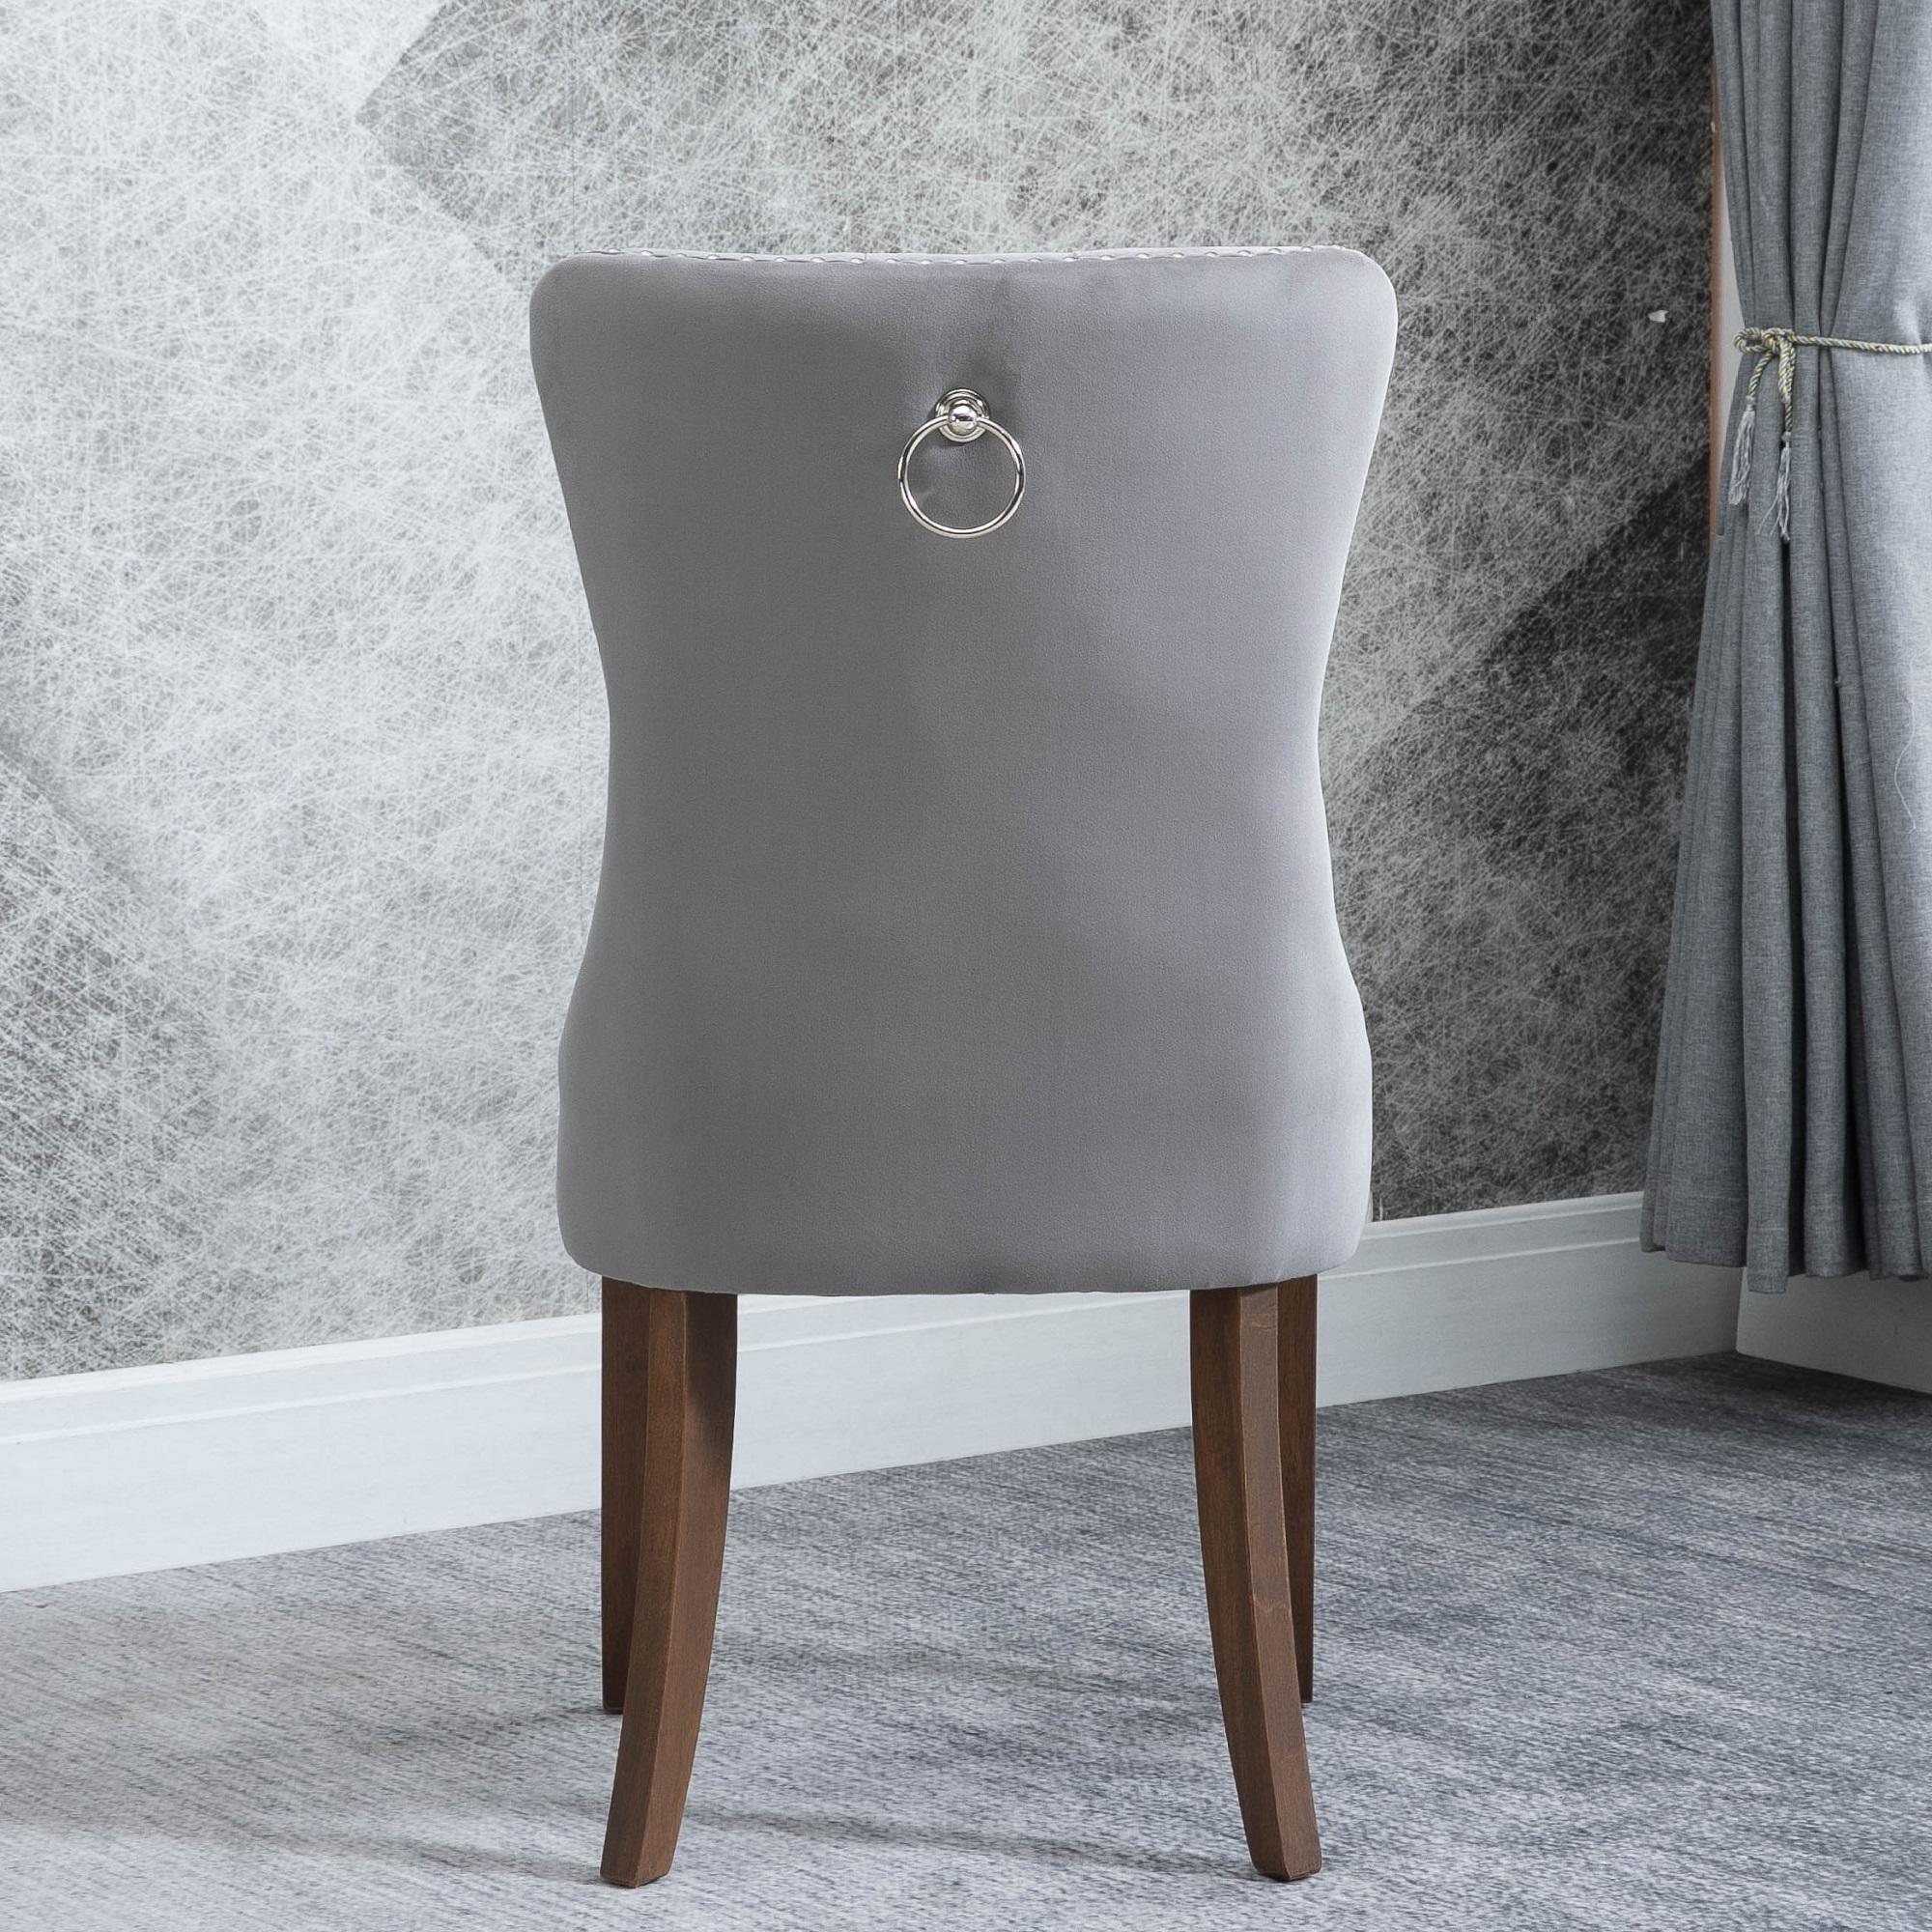 Clearance Living Room Chair Set Of 2 Tufted Velvet